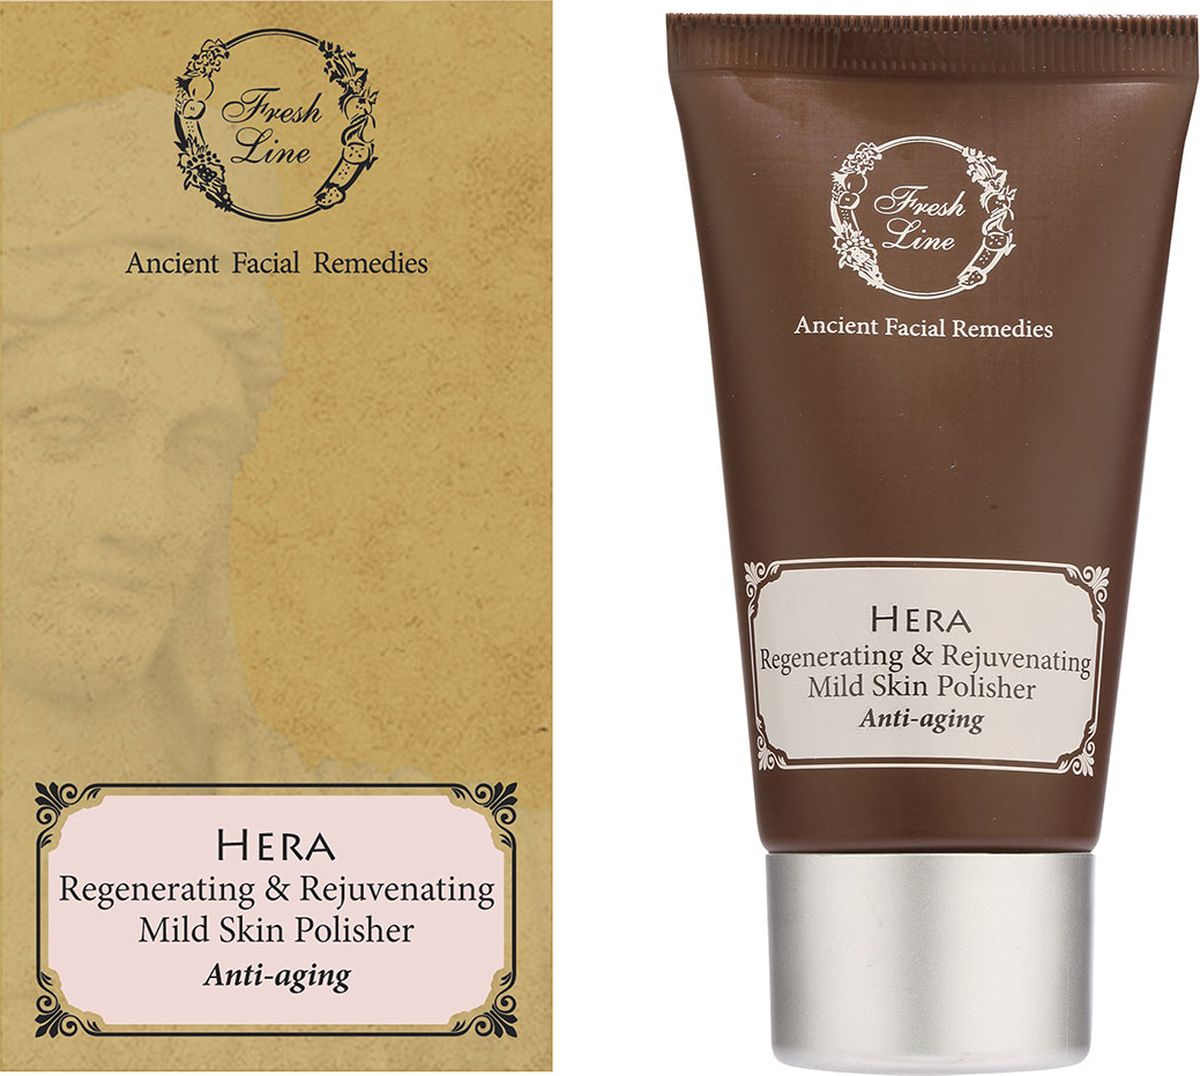 Fresh Line Скраб мягкий для лица Гера, 75 мл149Деликатно удаляет омертвевшие клетки с поверхности кожи, не нарушая естественный уровень увлажненности. Создан на основе пудры виноградных косточек и мягких фруктовых кислот, которые сочетают в себе антиоксидантные и отшелушивающие свойства. Рекомендуется для деликатной и зрелой кожи, также идеально подойдет всем, кому требуется мягкое отшелушивание.